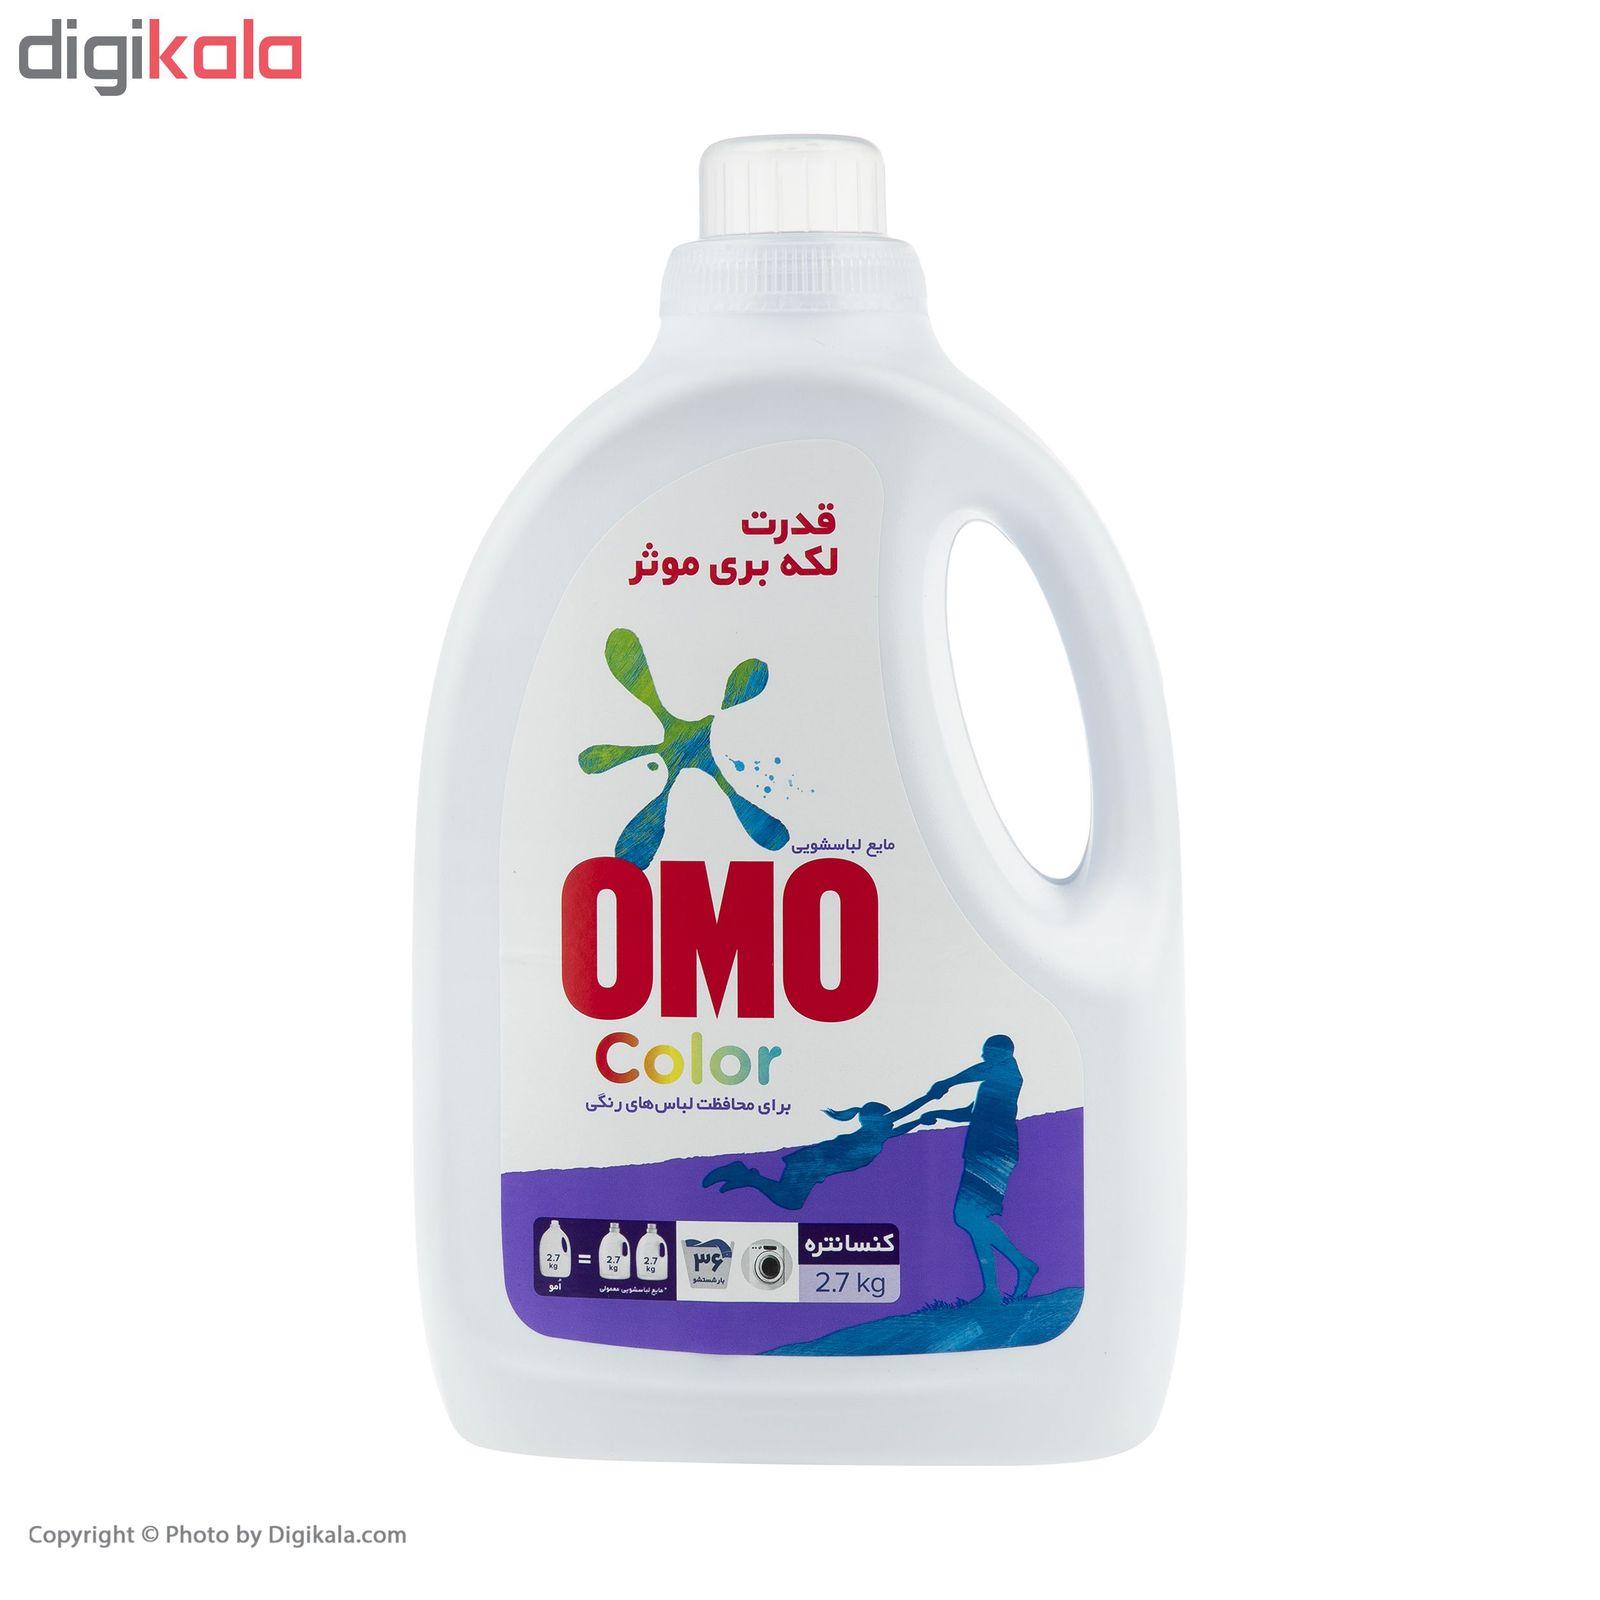 مایع لباسشویی رنگی امو مدل Concentrate مقدار 2.7 کیلوگرم main 1 1